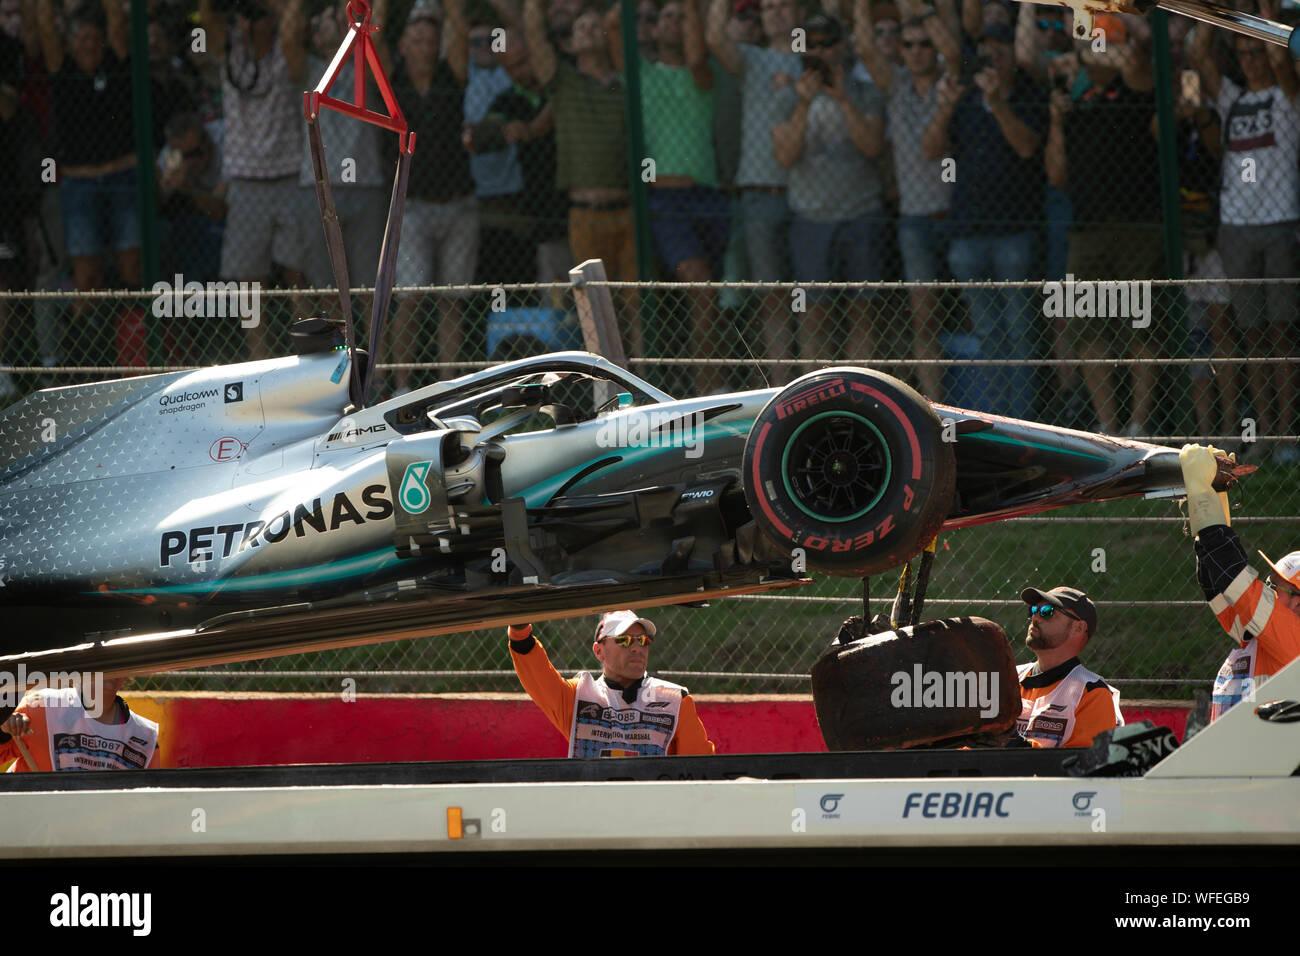 F1 Crash Stock Photos & F1 Crash Stock Images - Alamy